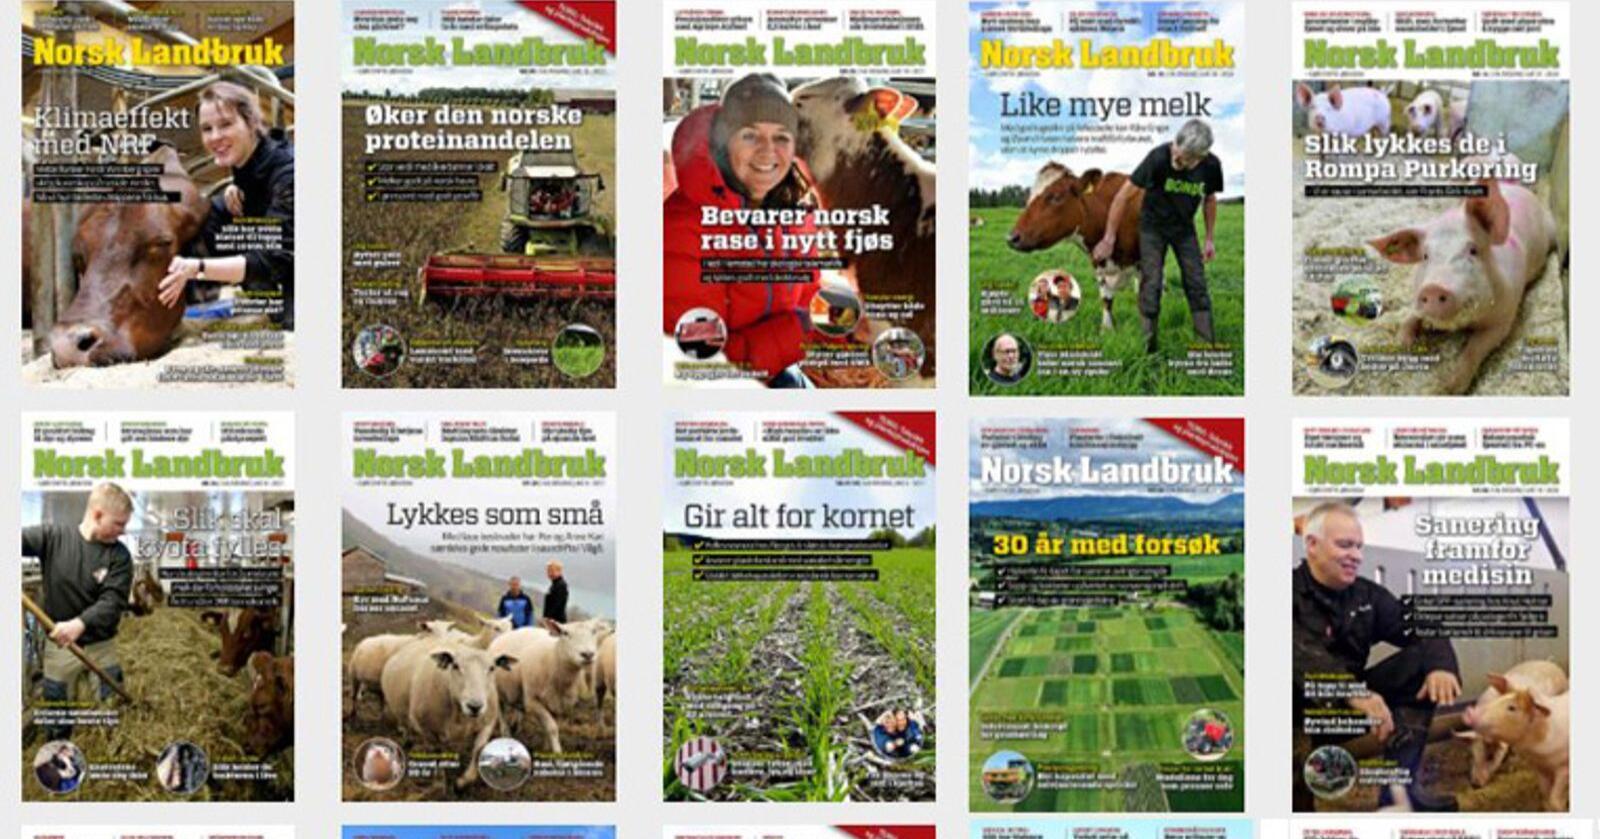 Digital tilgang: Har du et abonnement på Norsk Landbruk kan du lese alt innhold digitalt, enten på nettsidene, som e-avis eller i Norsk Landbruk-appen for Iphone og Android.